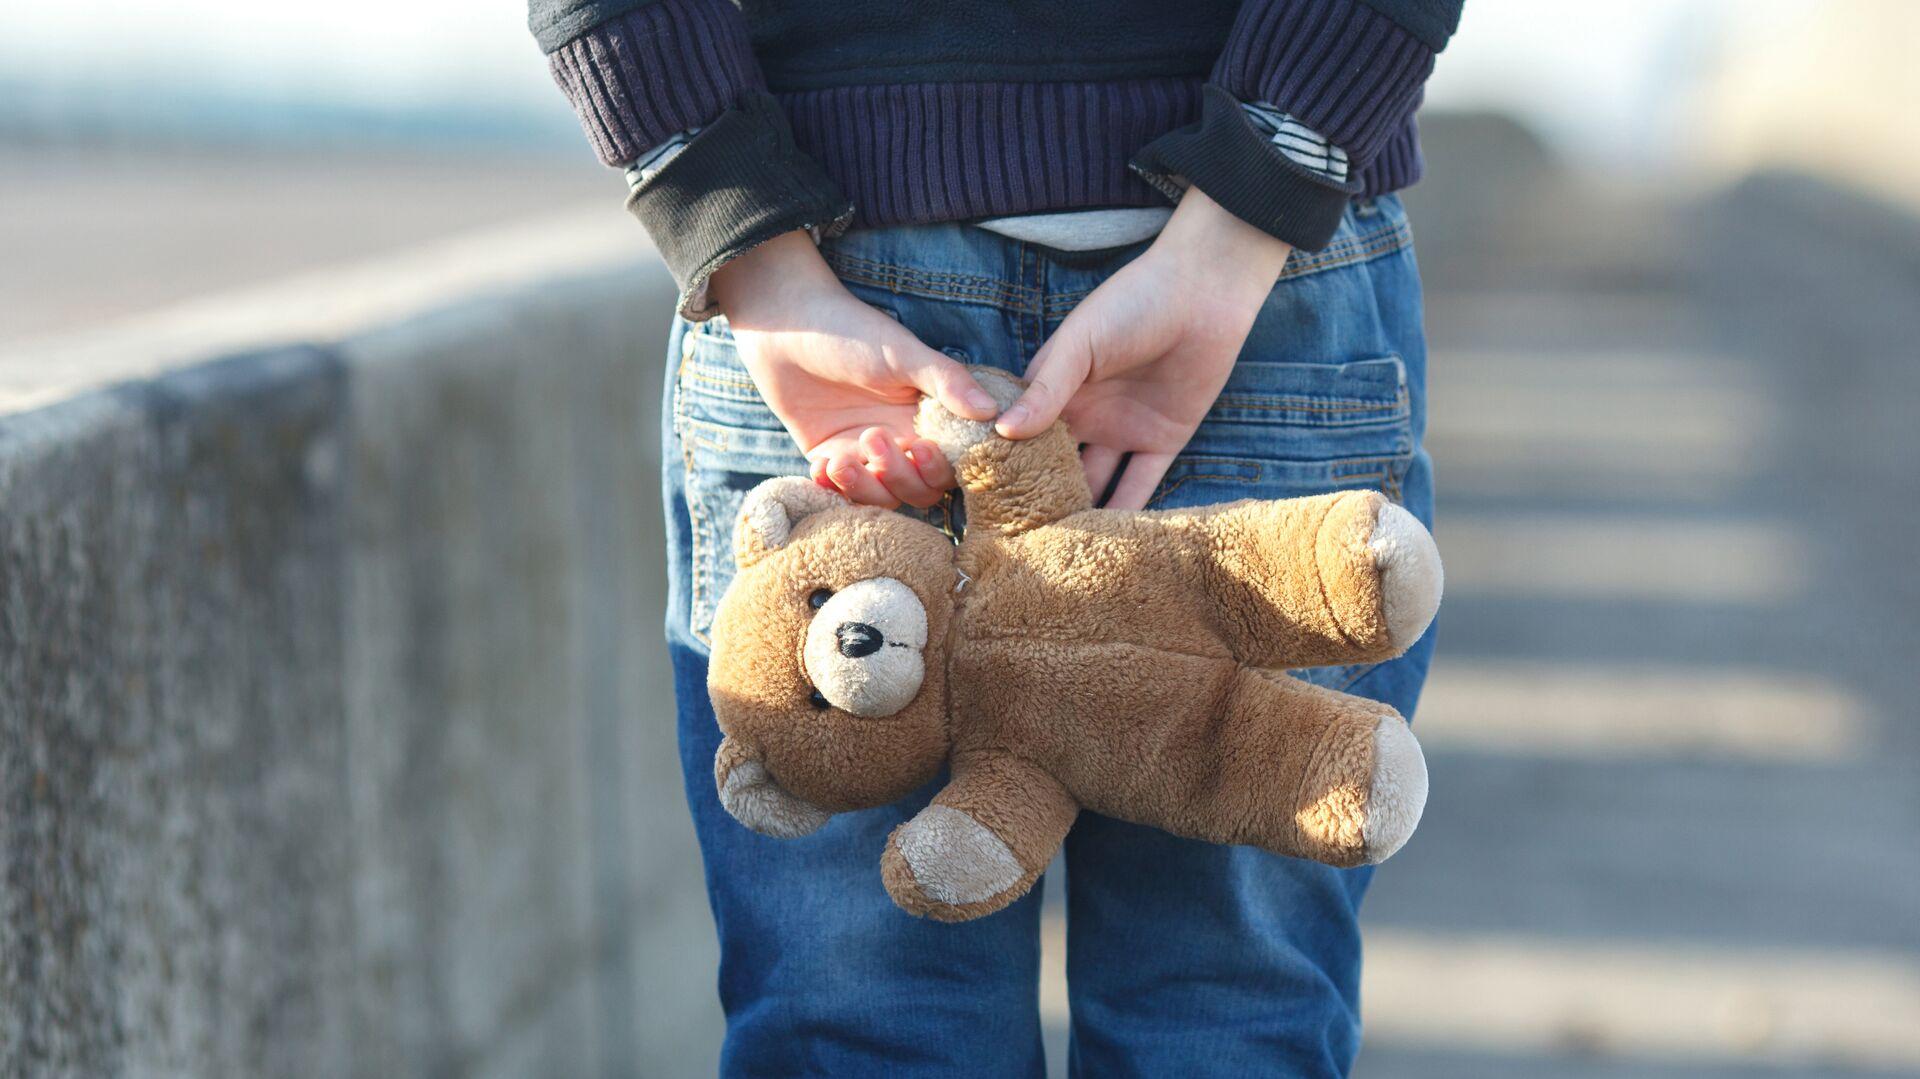 Пришедший в гости россиянин украл из плюшевого медведя три миллиона рублей